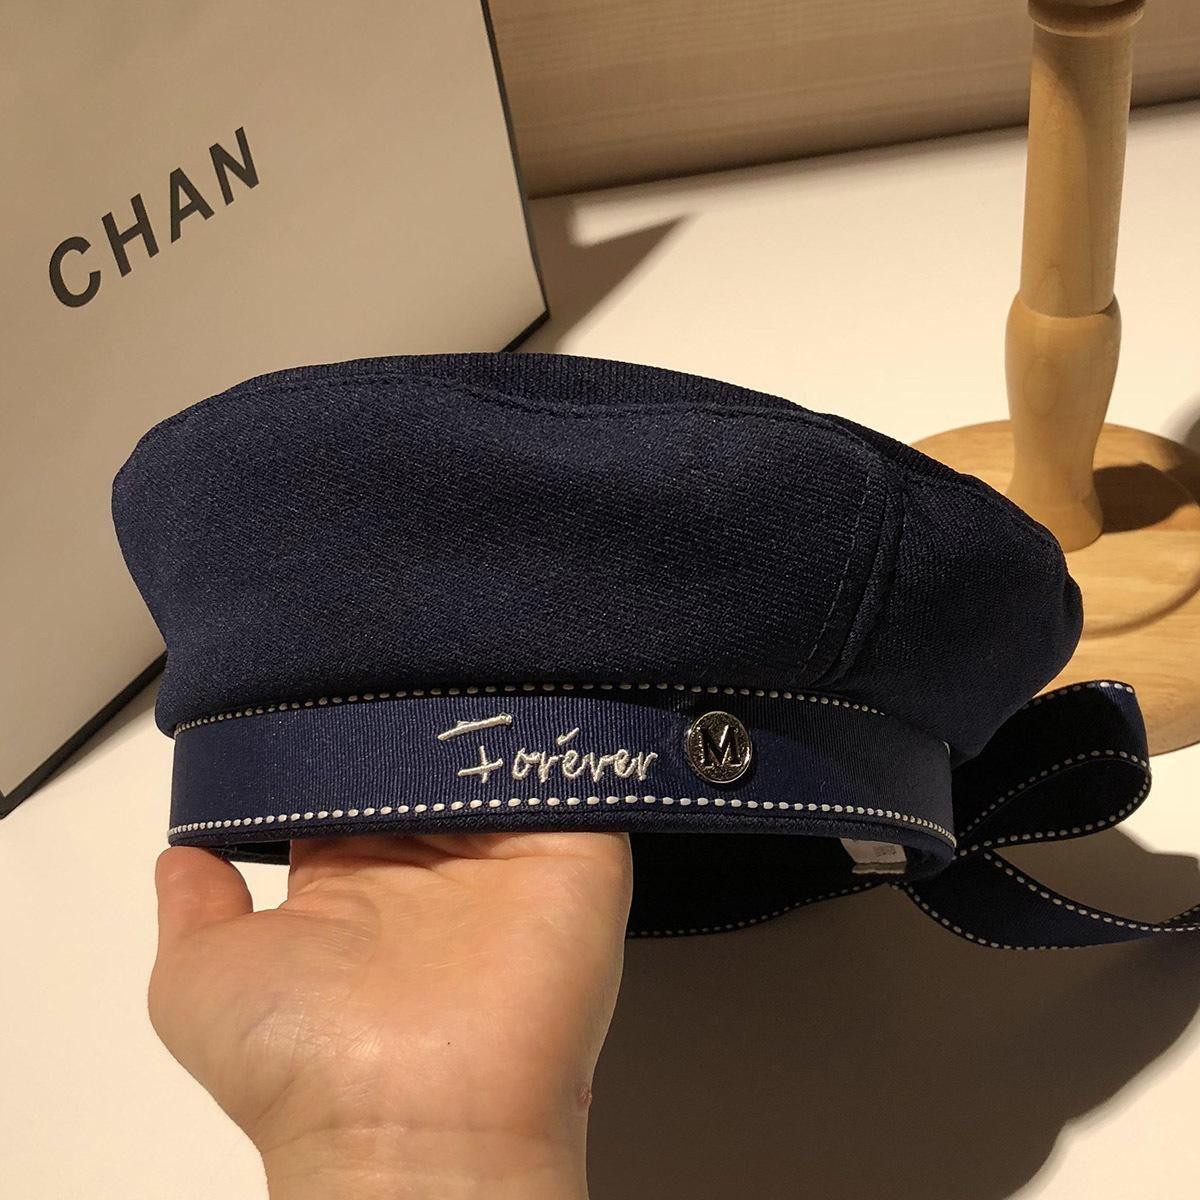 Sonbahar Kış Kadın Şapka Moda Şerit Bow Bereliler Harf Nakış Kış Şapka Vintage Erkek Bere Fransız Şapka Donanma Cap